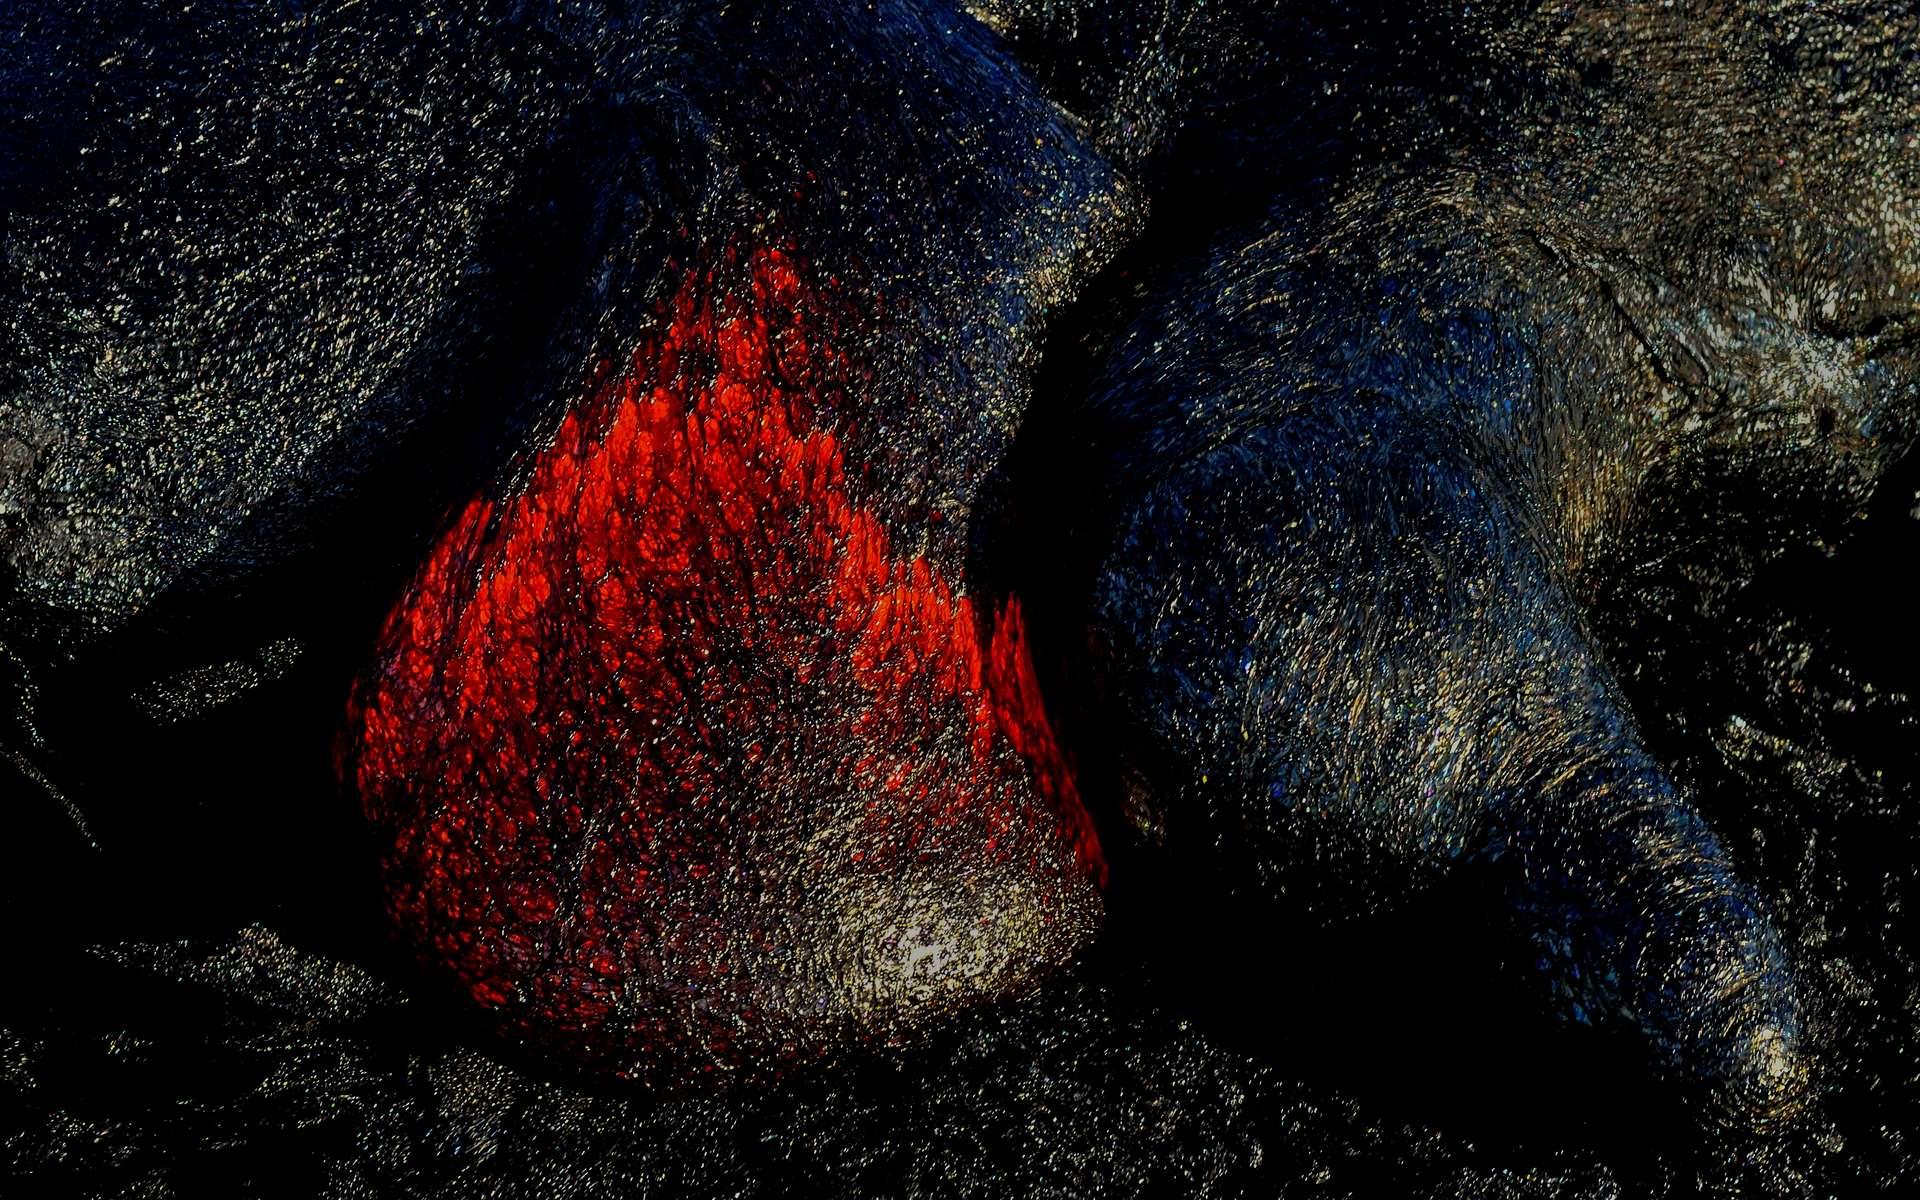 La lave d'un volcan refroidie au contact de l'eau. © Luc Kohnen, Adobe Stock